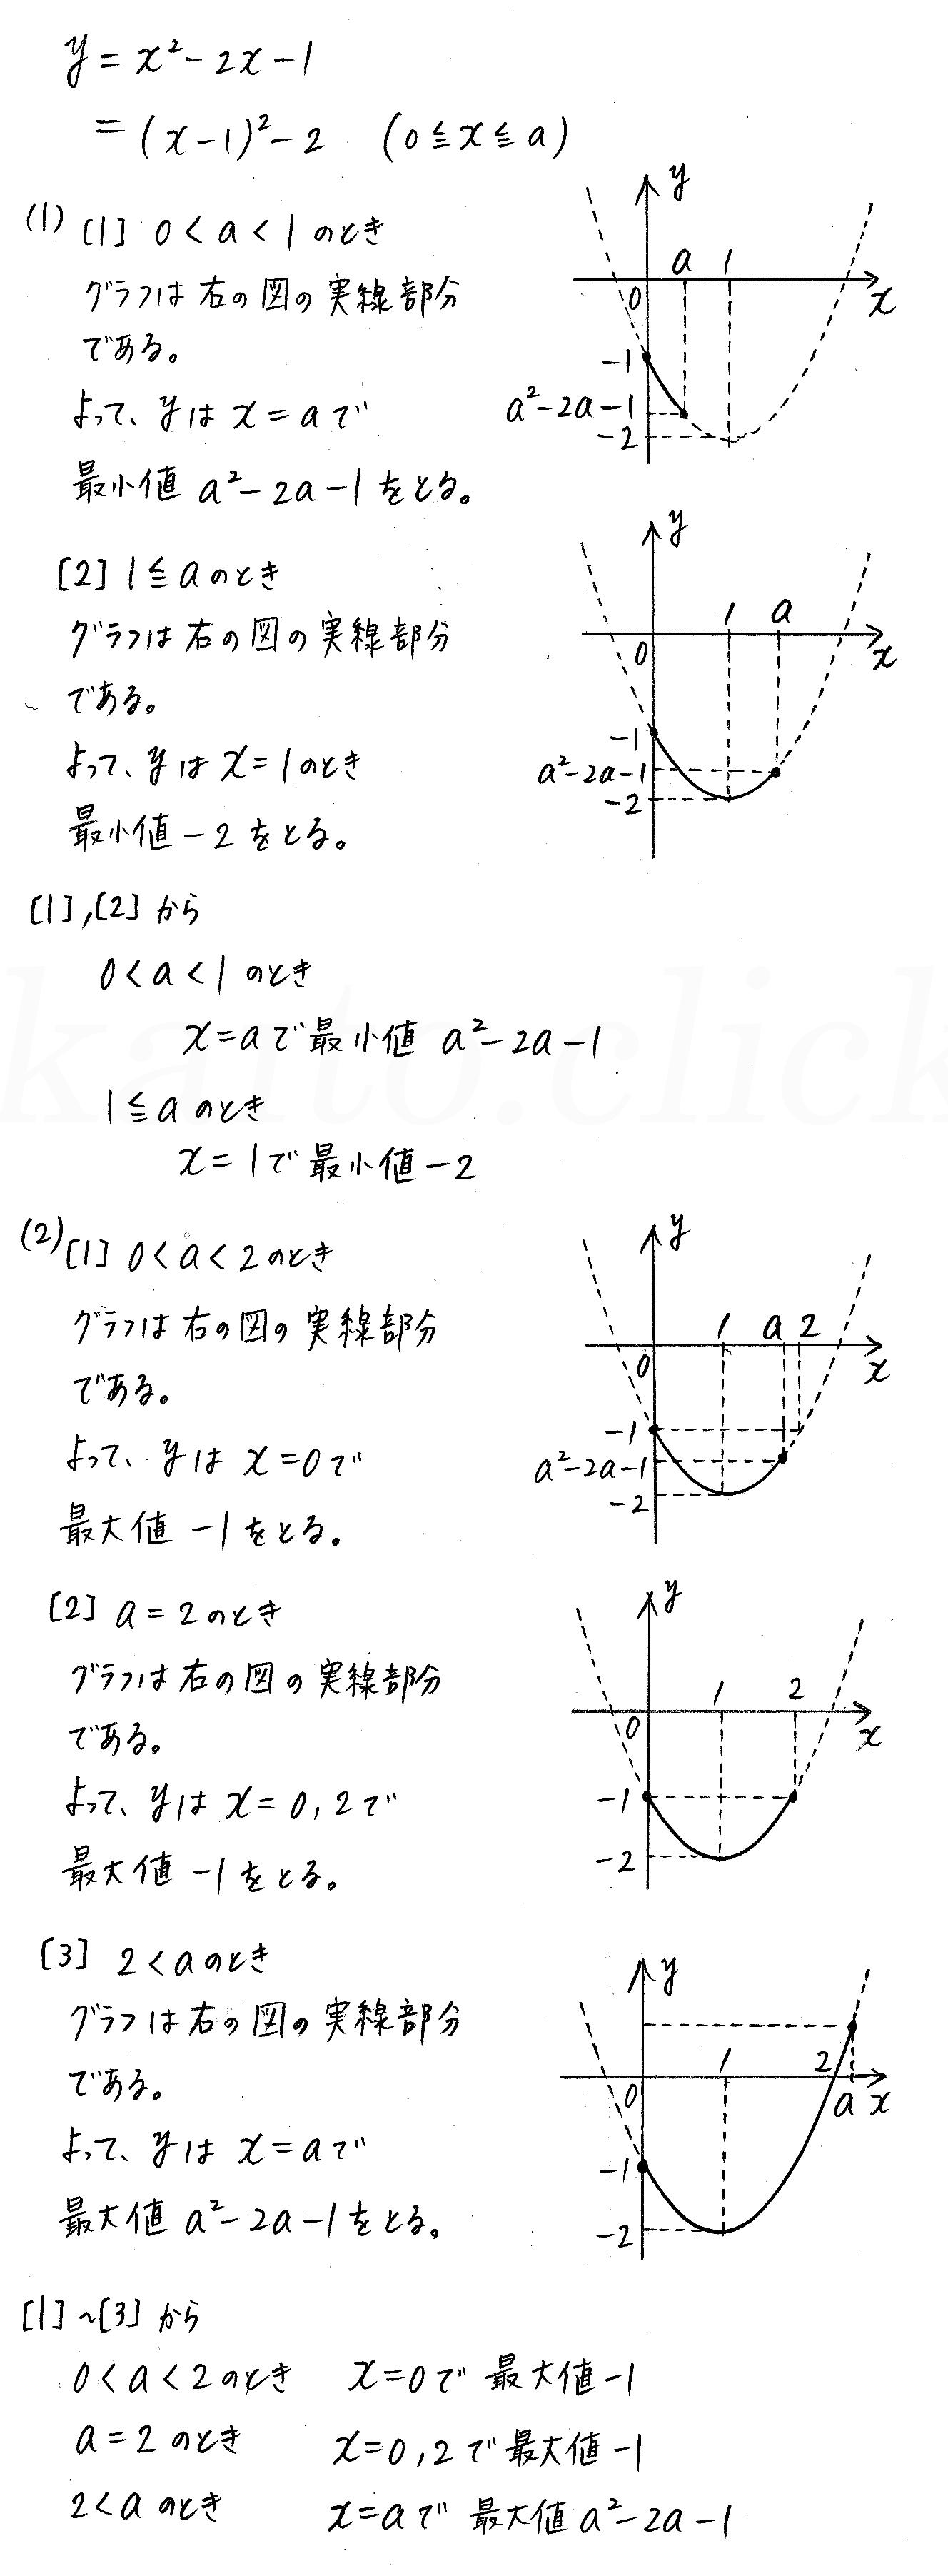 クリアー数学1-177解答